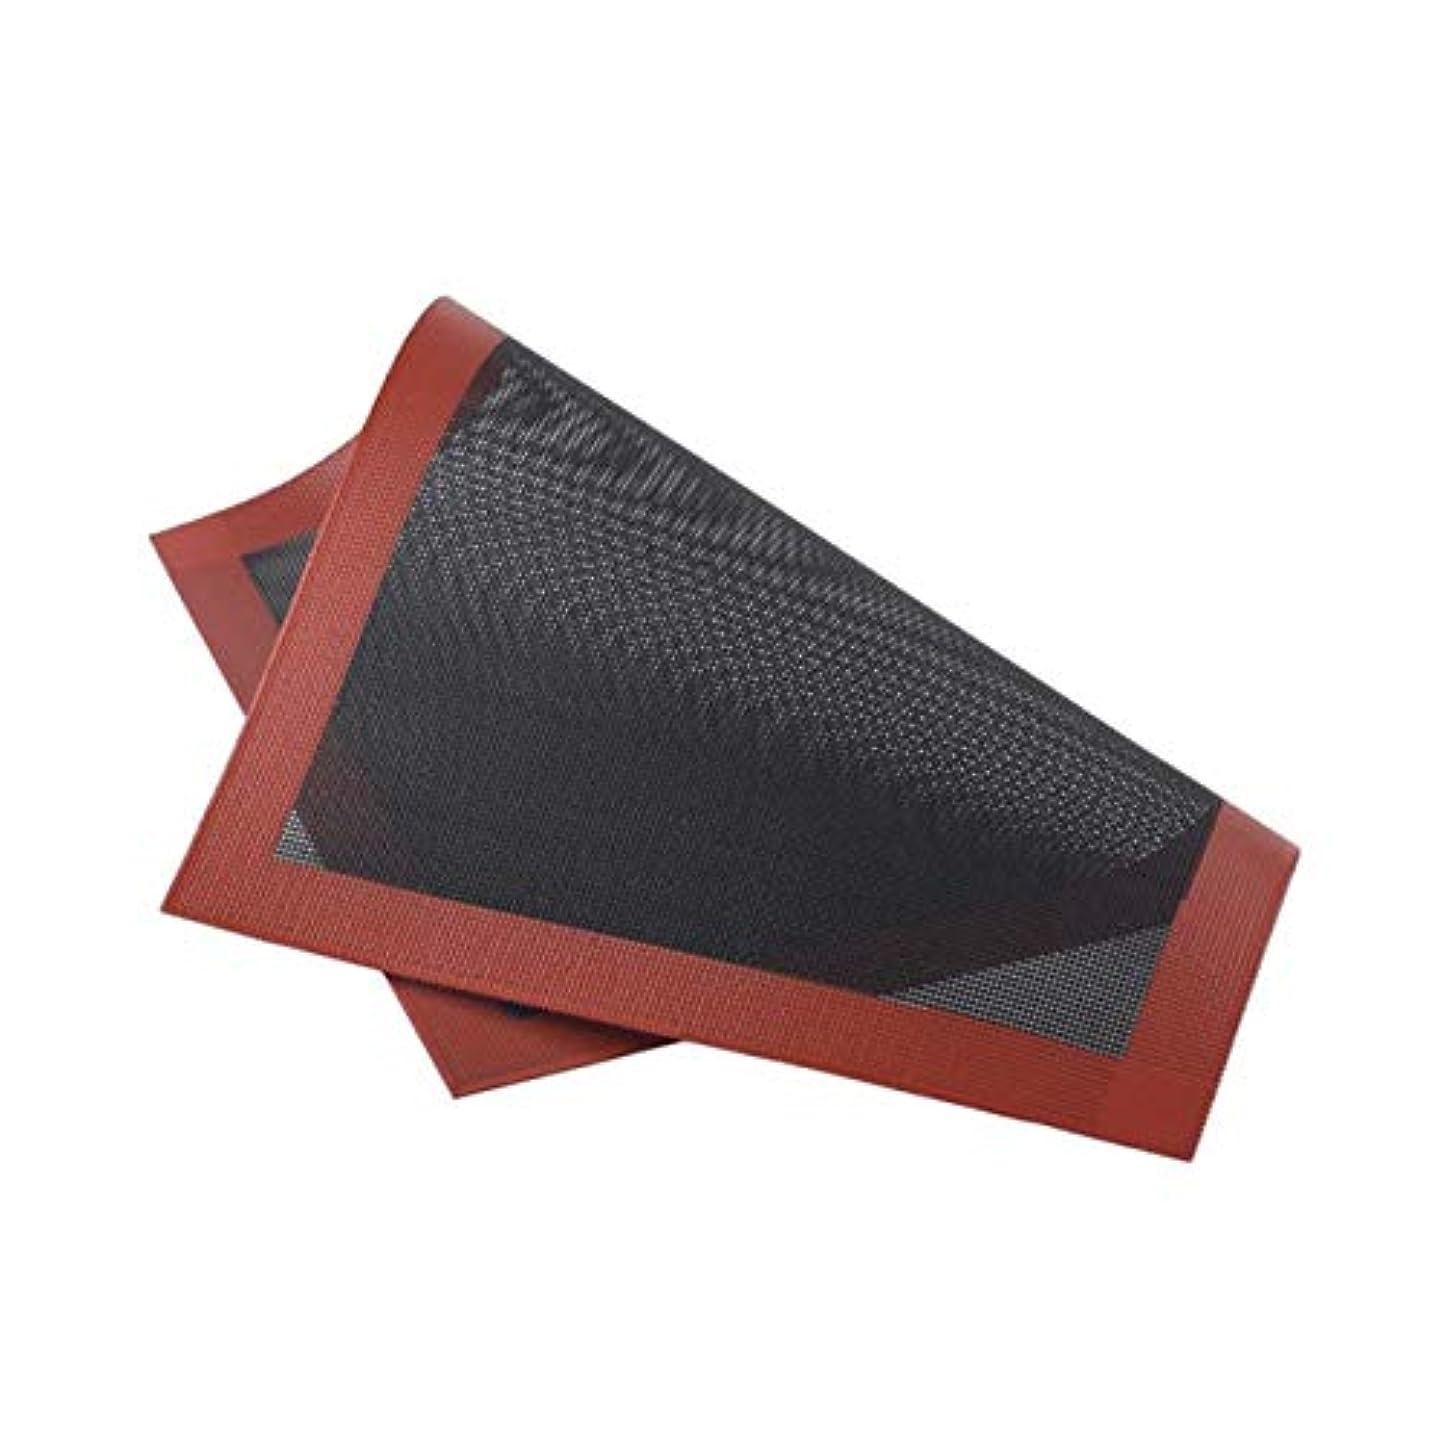 解明するブロック封建Saikogoods クッキーパンビスケットのための実用的なデザインホームキッチンベーキングツールのシリコンベーキングマットノンスティックベーキングオーブンシートライナー 黒と赤 直角